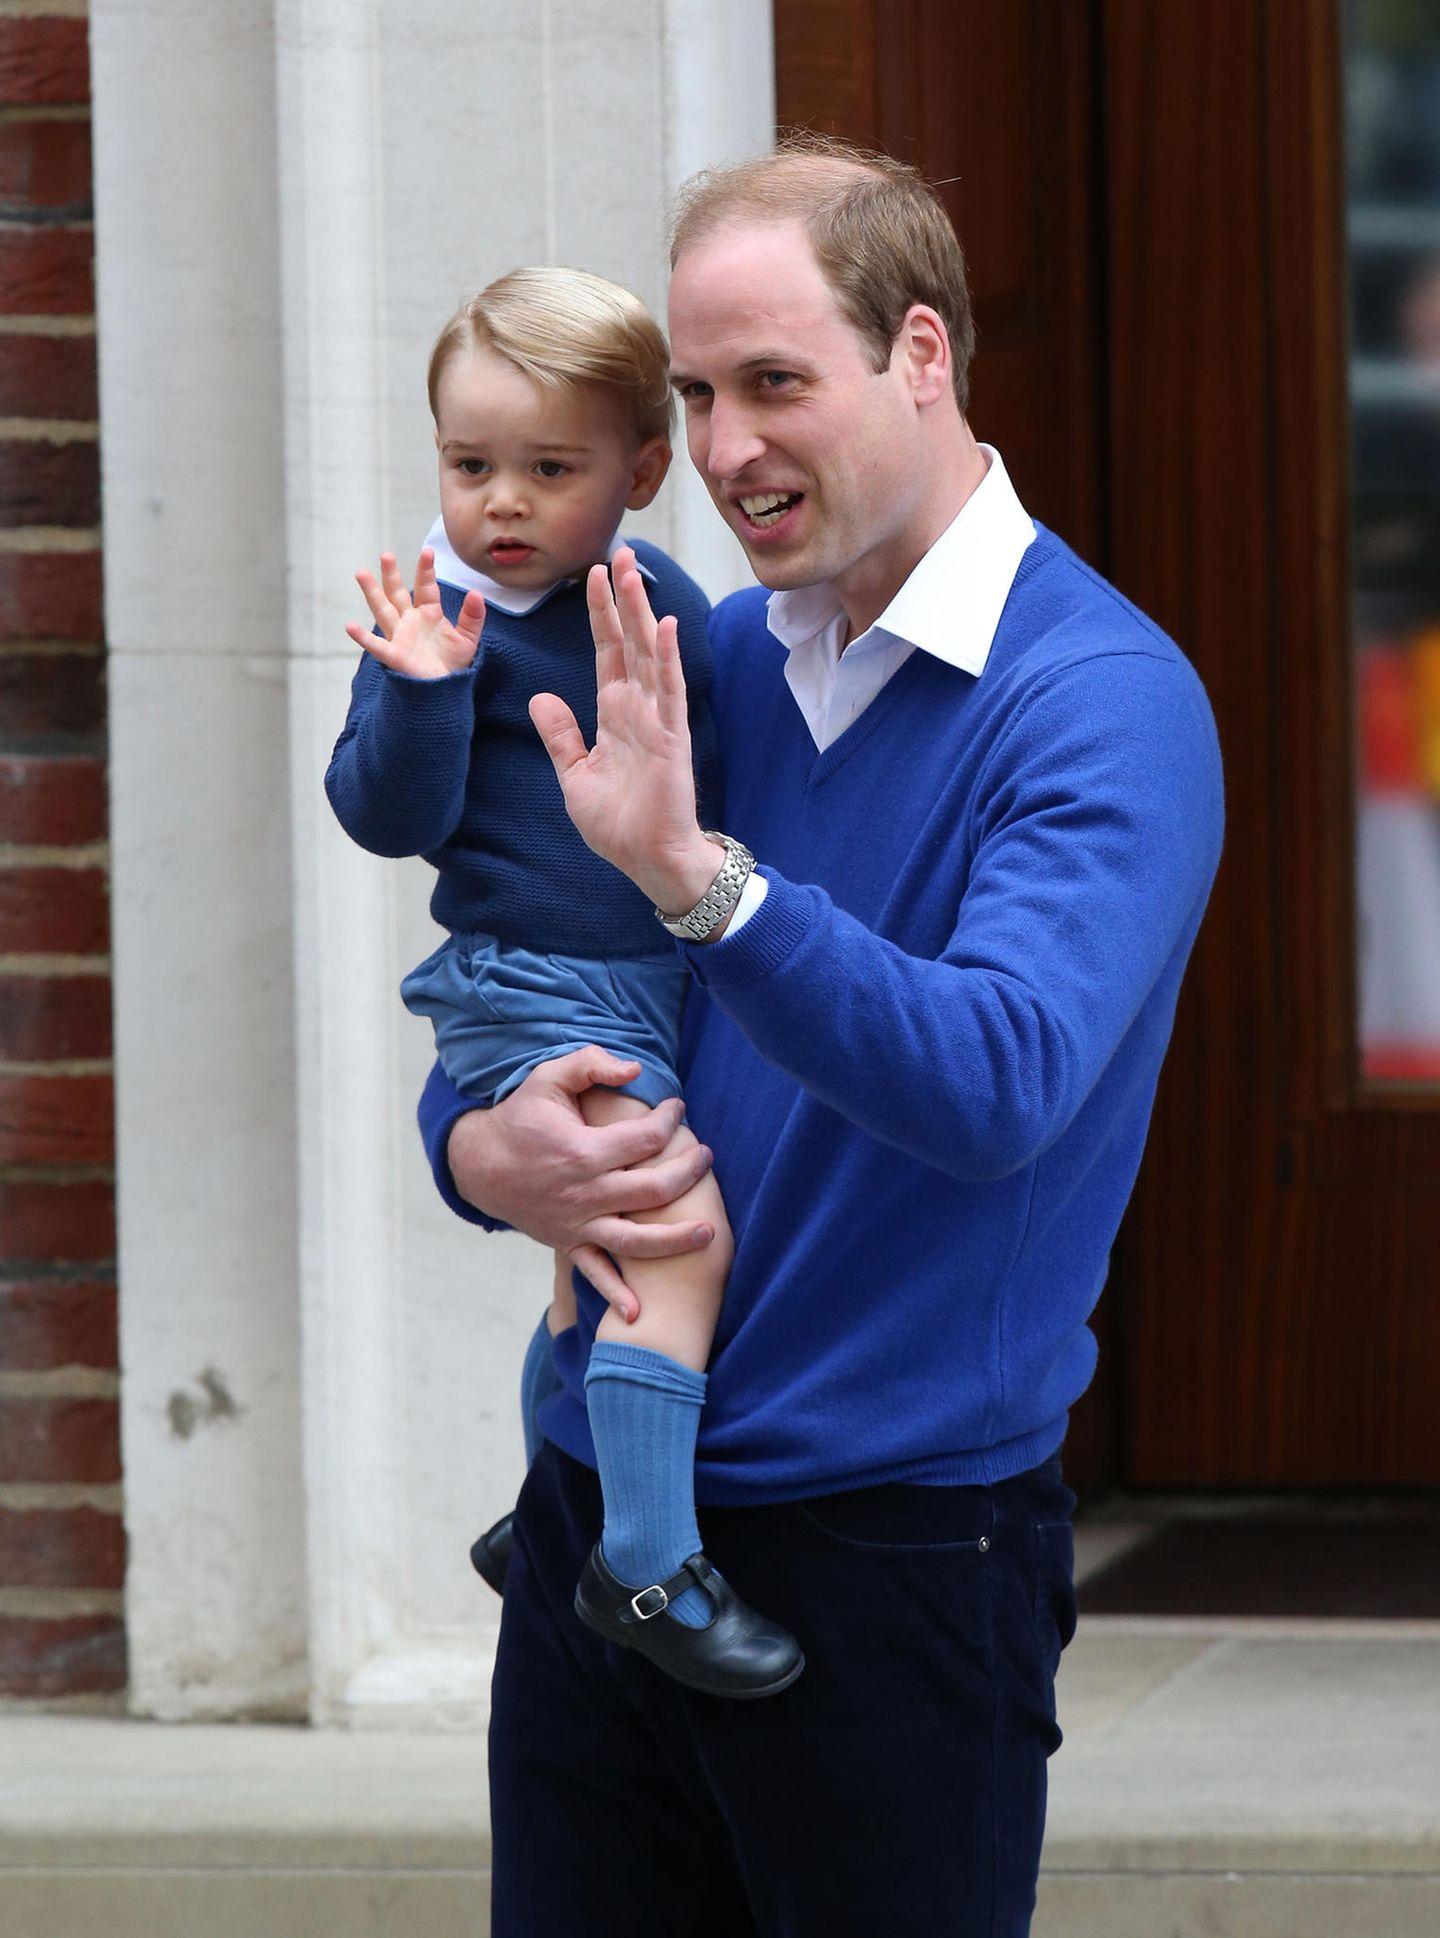 Mai 2015: Wie der Vater, so der Sohn: Prinz George besucht seine frisch geborene Schwester im Lindo Wing in London. Perfekt abgestimmt auf Daddys Outfit, trägt auch Georgeeinen blauen Wollpullover mit Kragen, sowie dunkelblaue Shorts, Strümpfe und Schuhe. Ein Klassiker-Look, der viele Nachahmer gefunden hat.